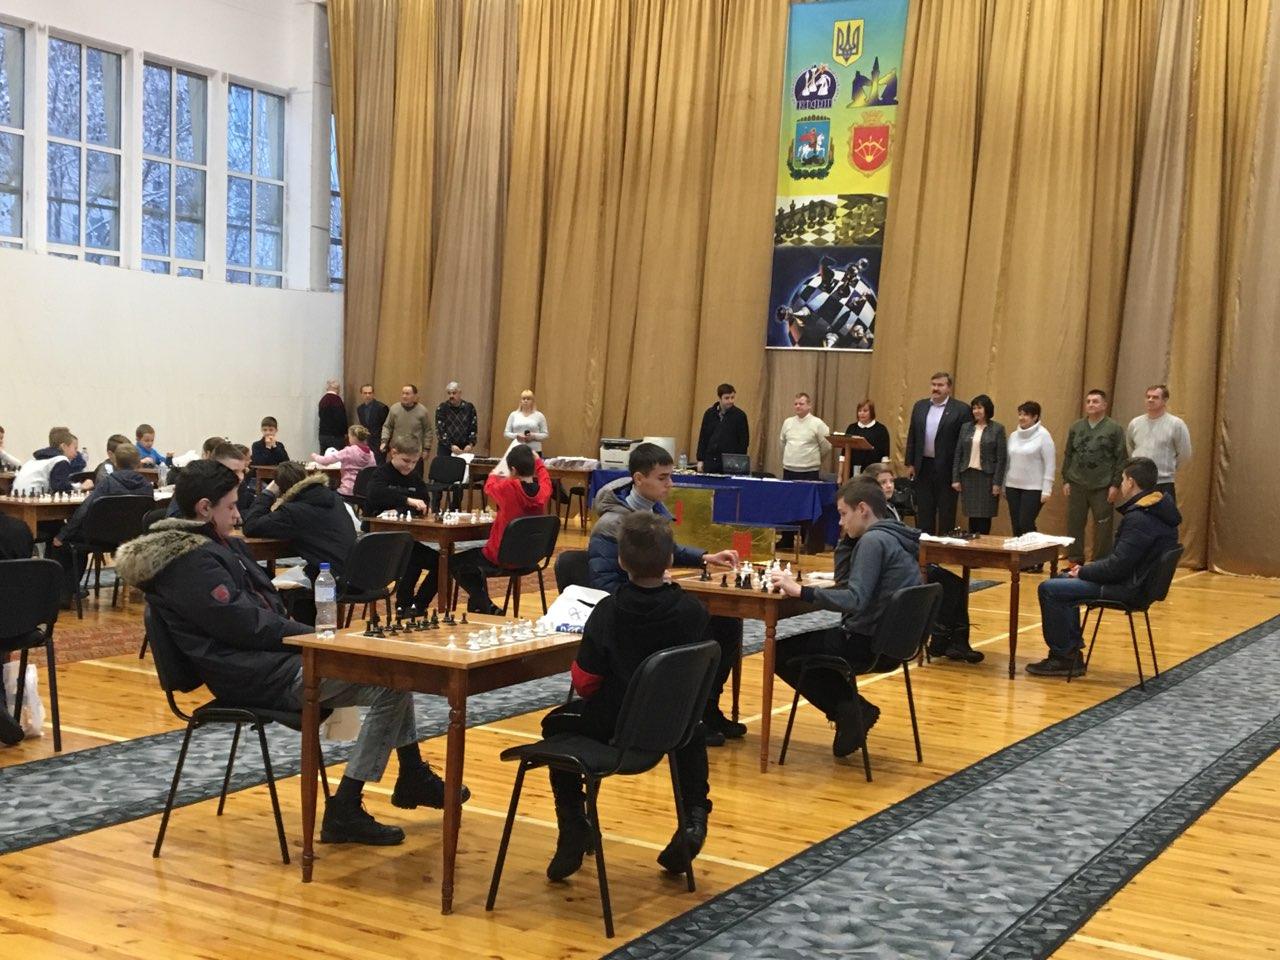 Всеукраїнський шахововий турнір пам'яті Подольського. Фото